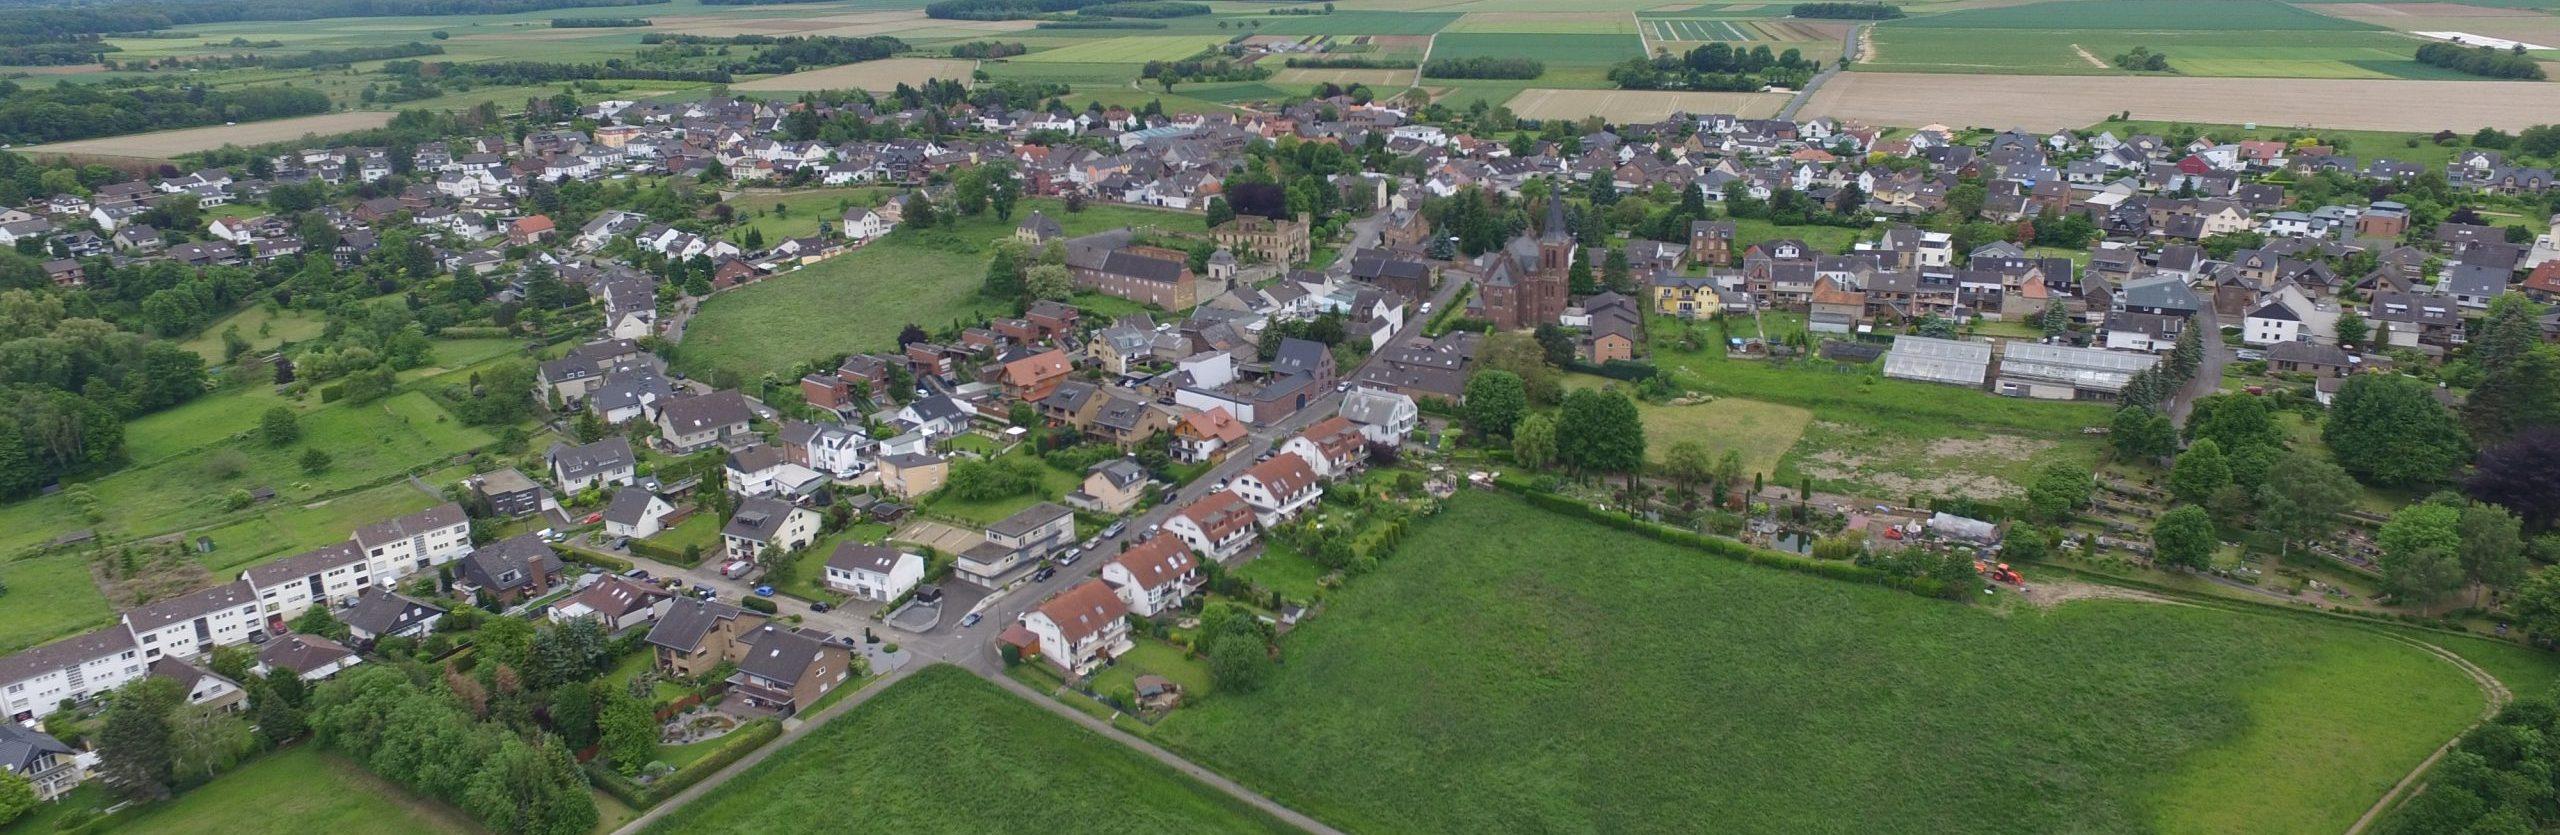 Förderverein Dorfgemeinschaft Hemmerich